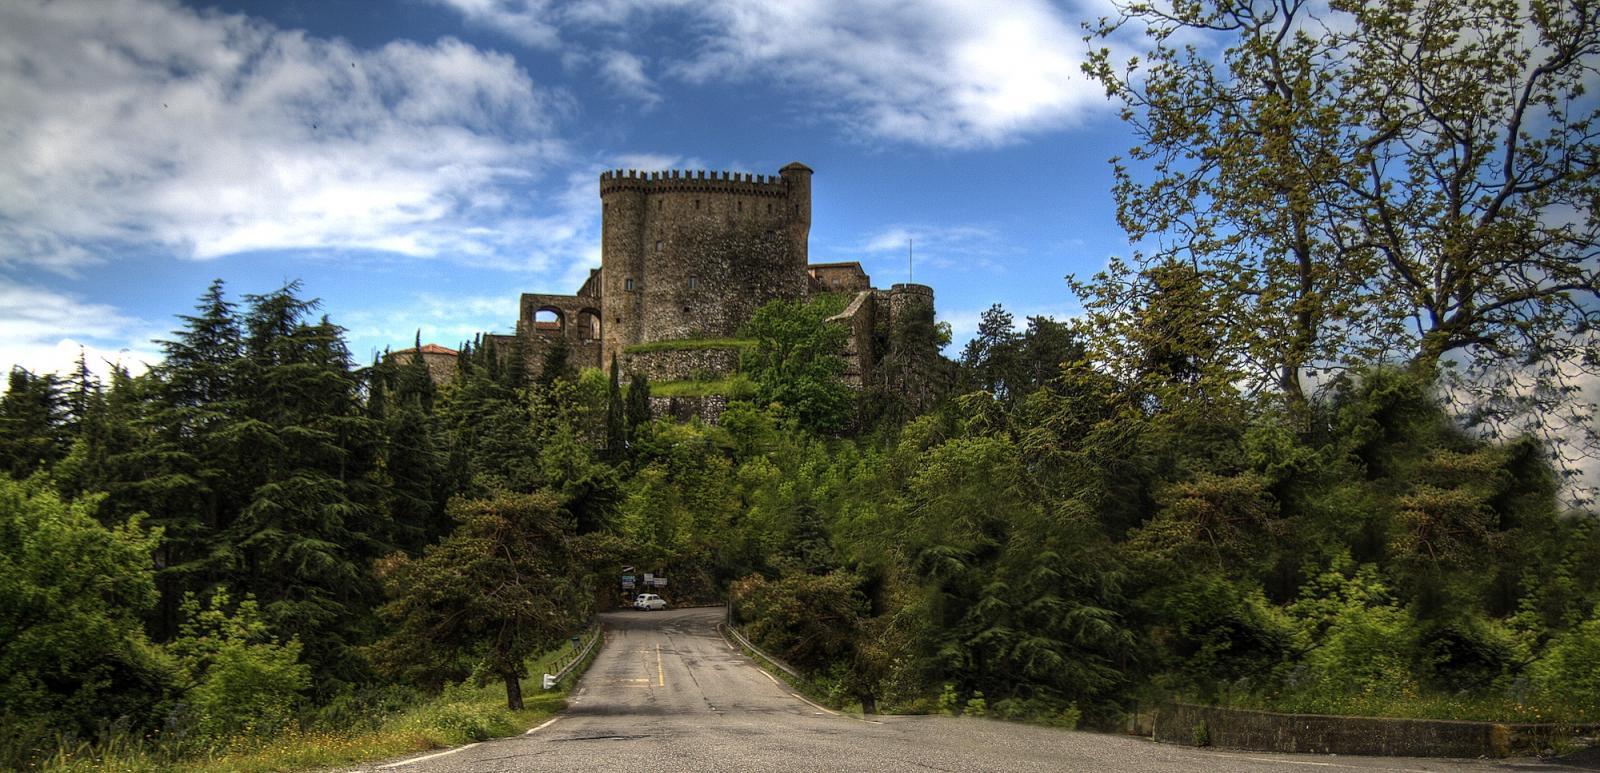 Malaspina Castle in Fosdinovo